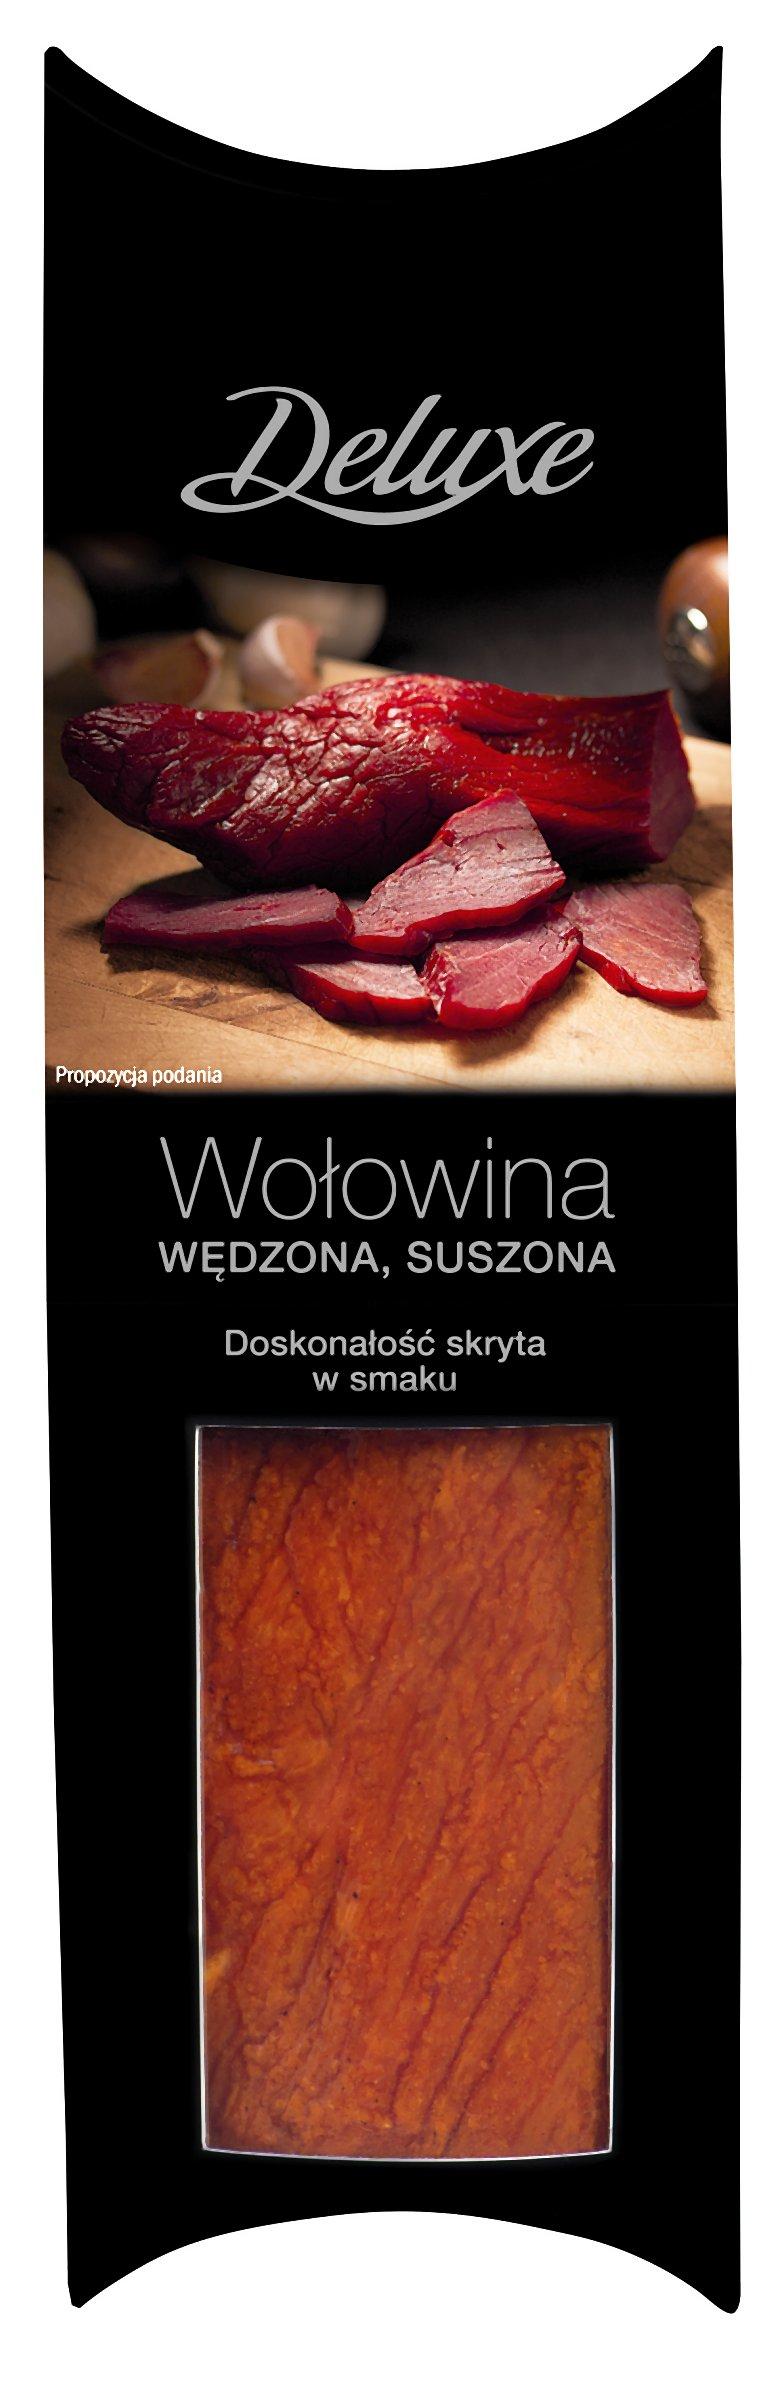 384 wolowina_wedzona-013-2014-11-20 _ 07_31_12-80